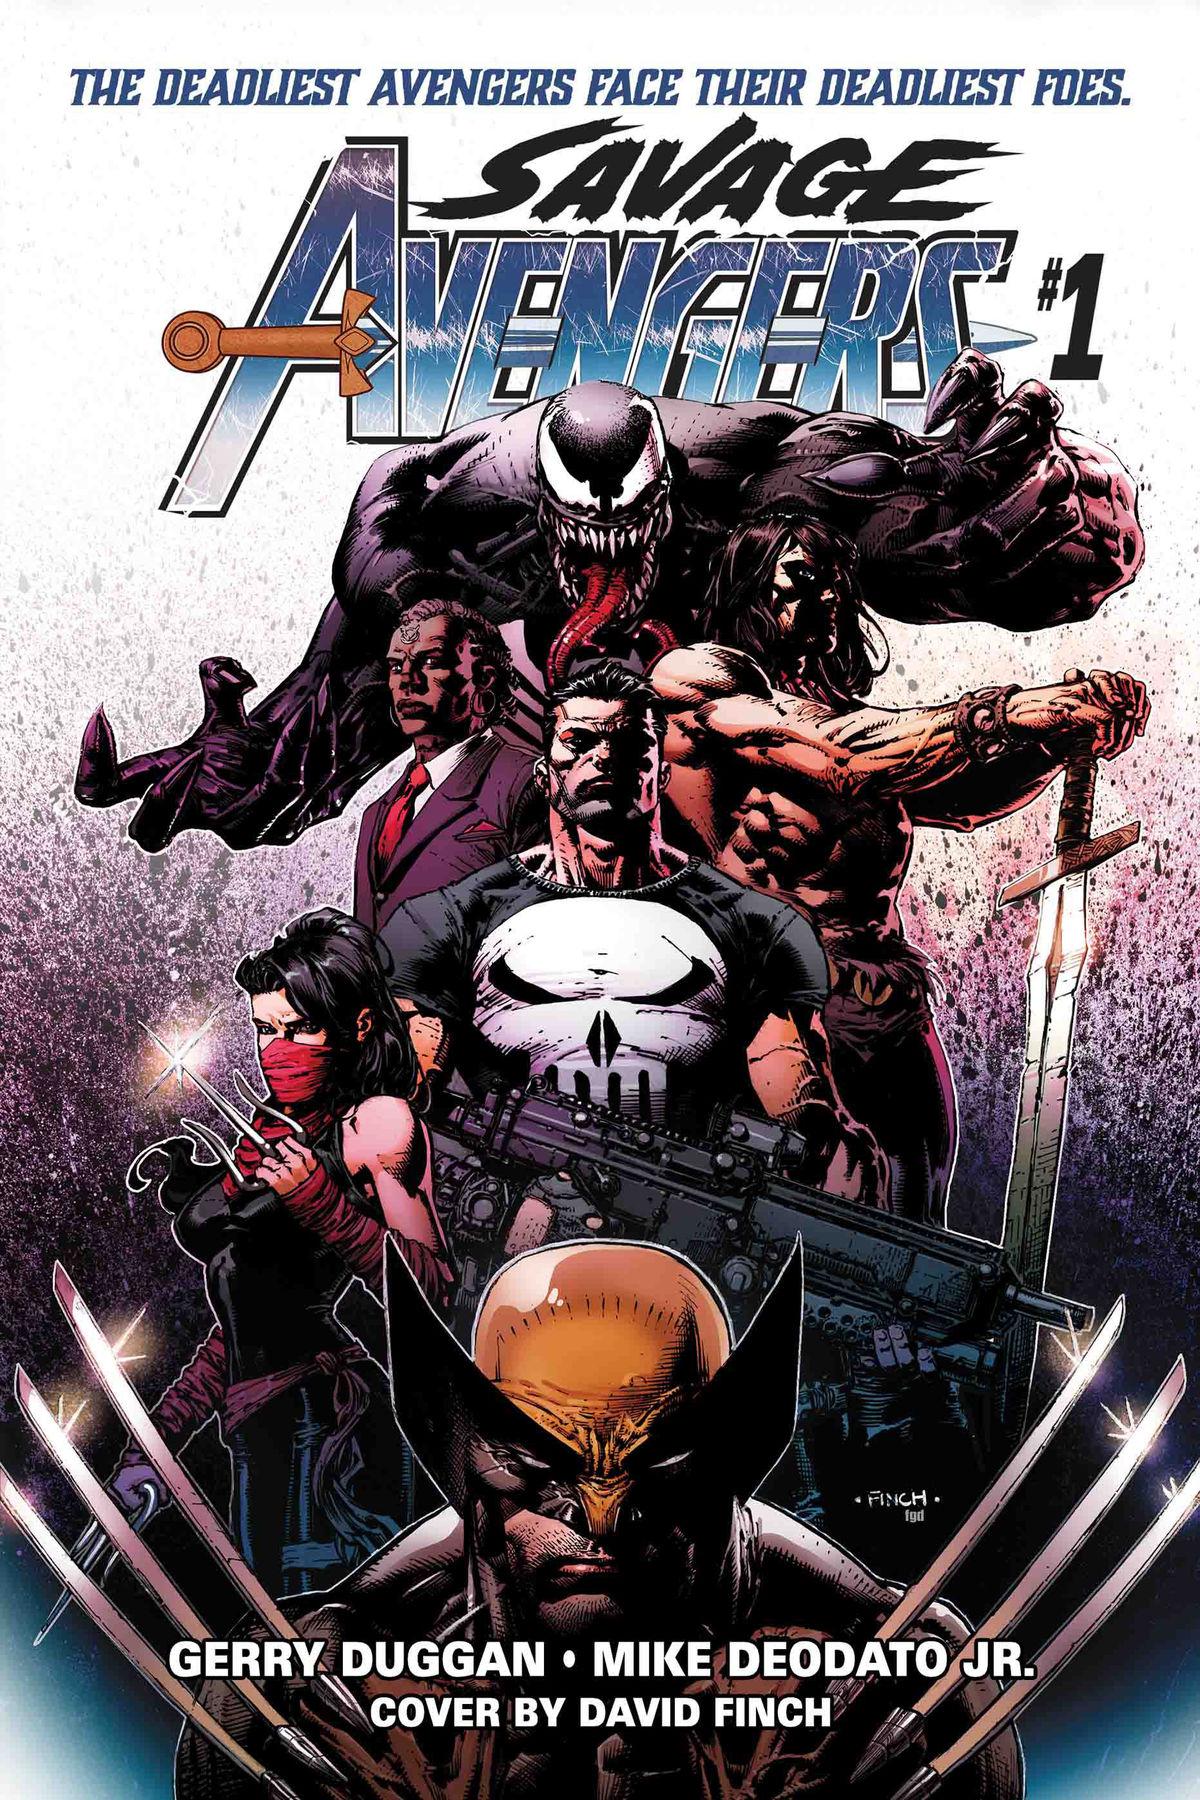 Gerry Duggan adds Conan to Earth's Mightiest Heroes in Marvel's